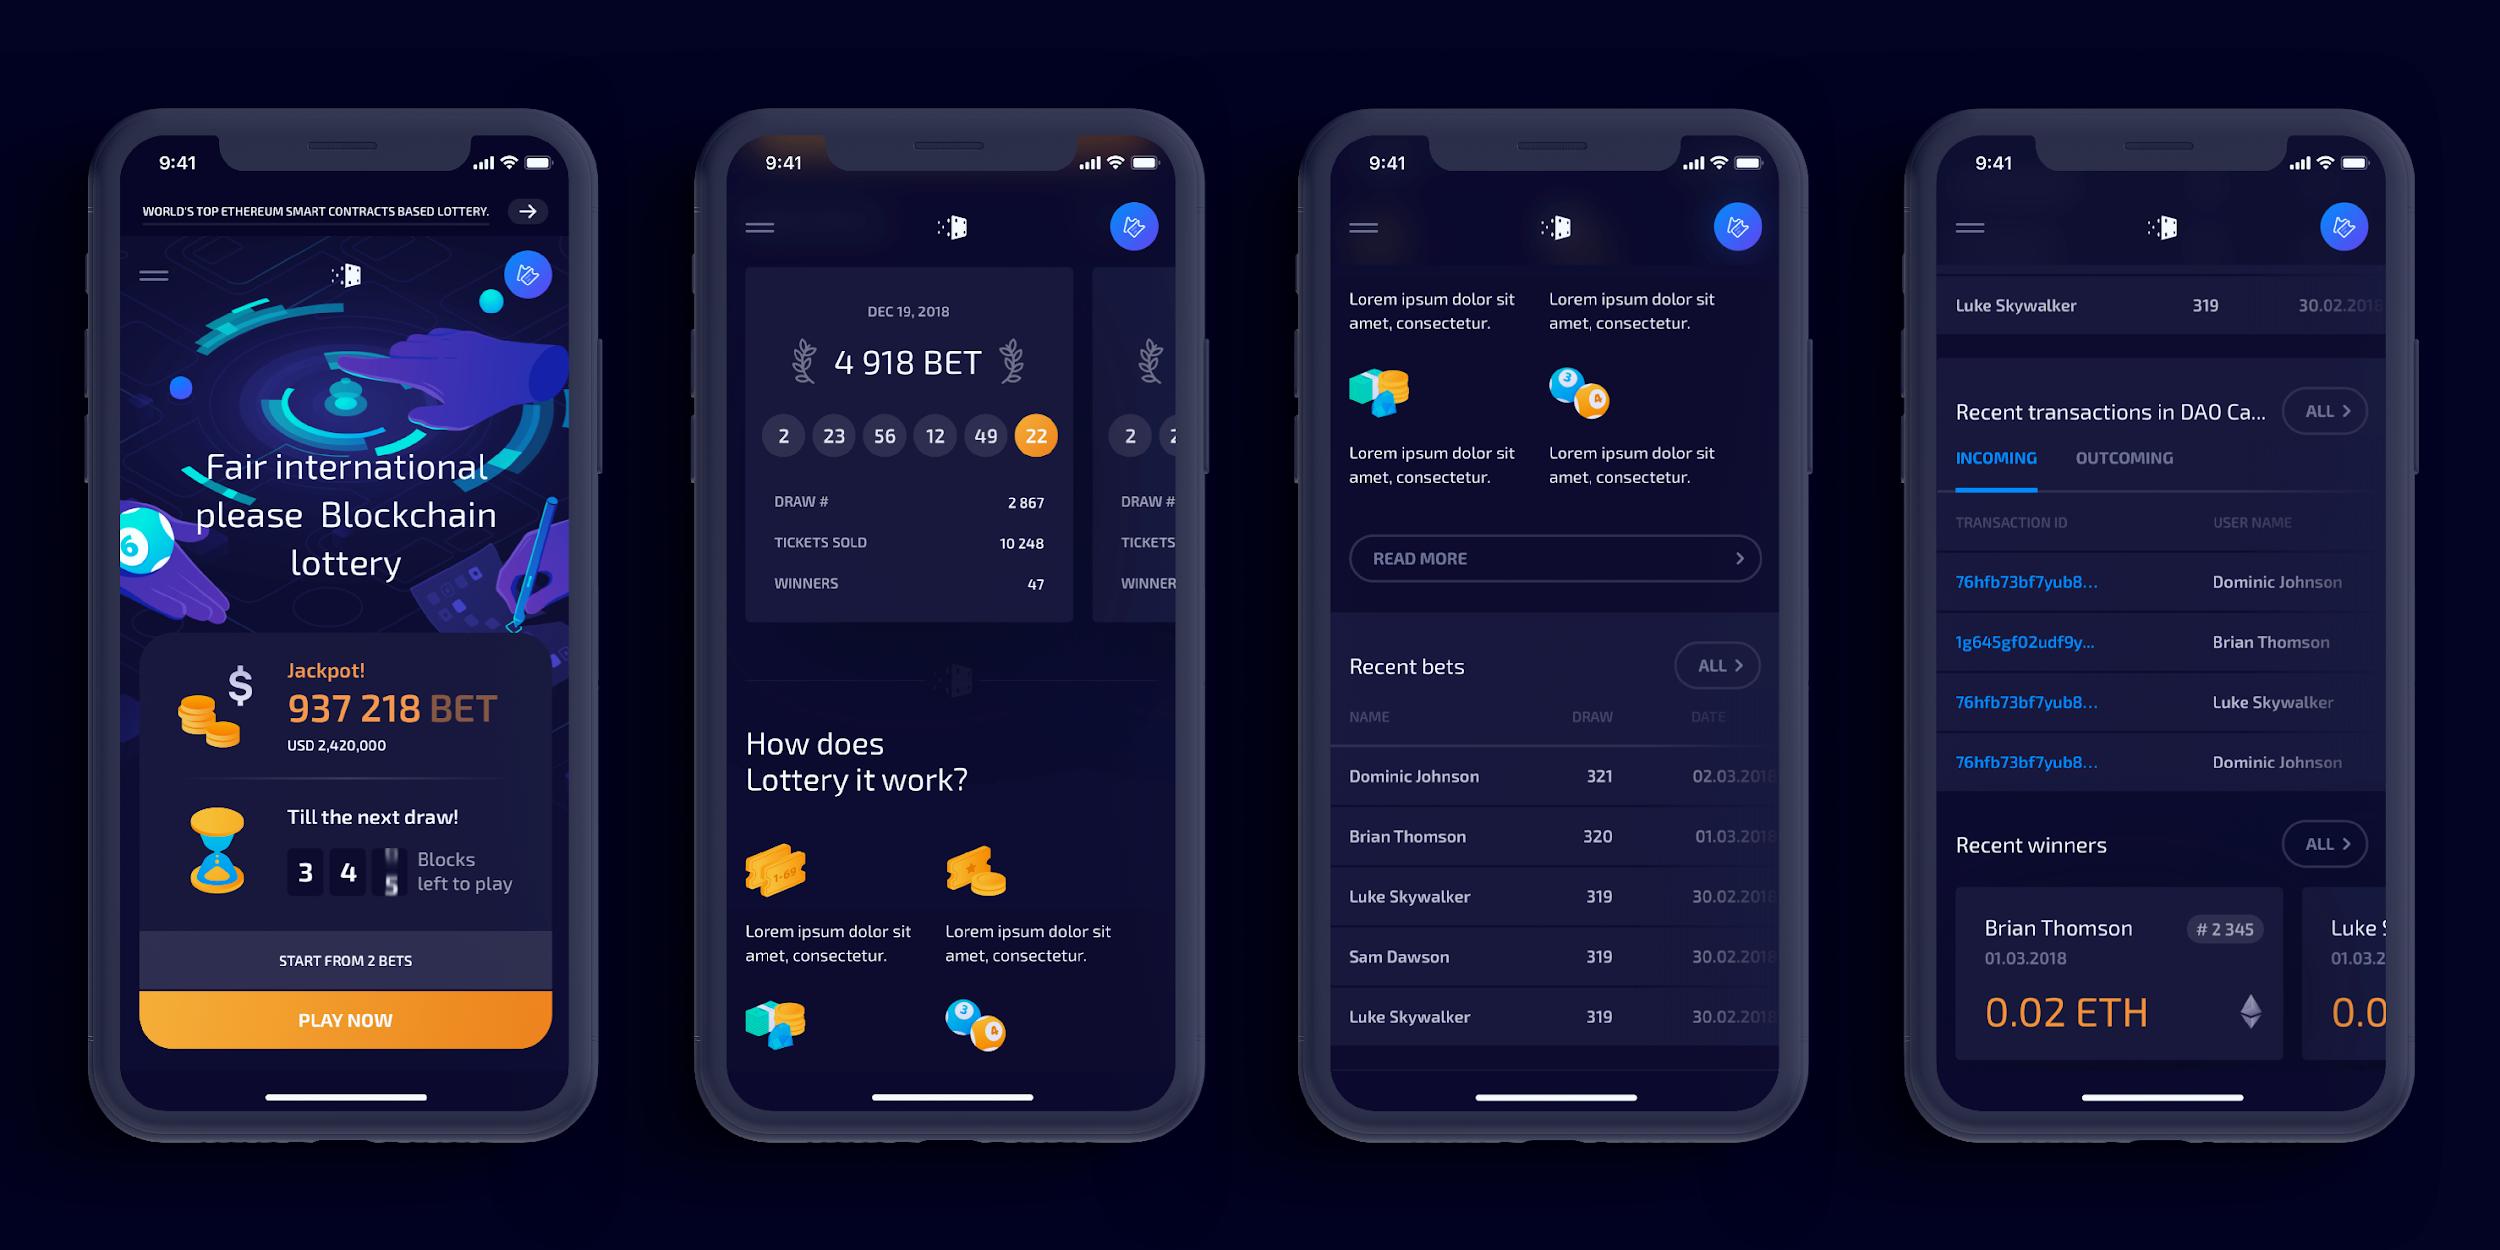 Blockchain Lottery interface